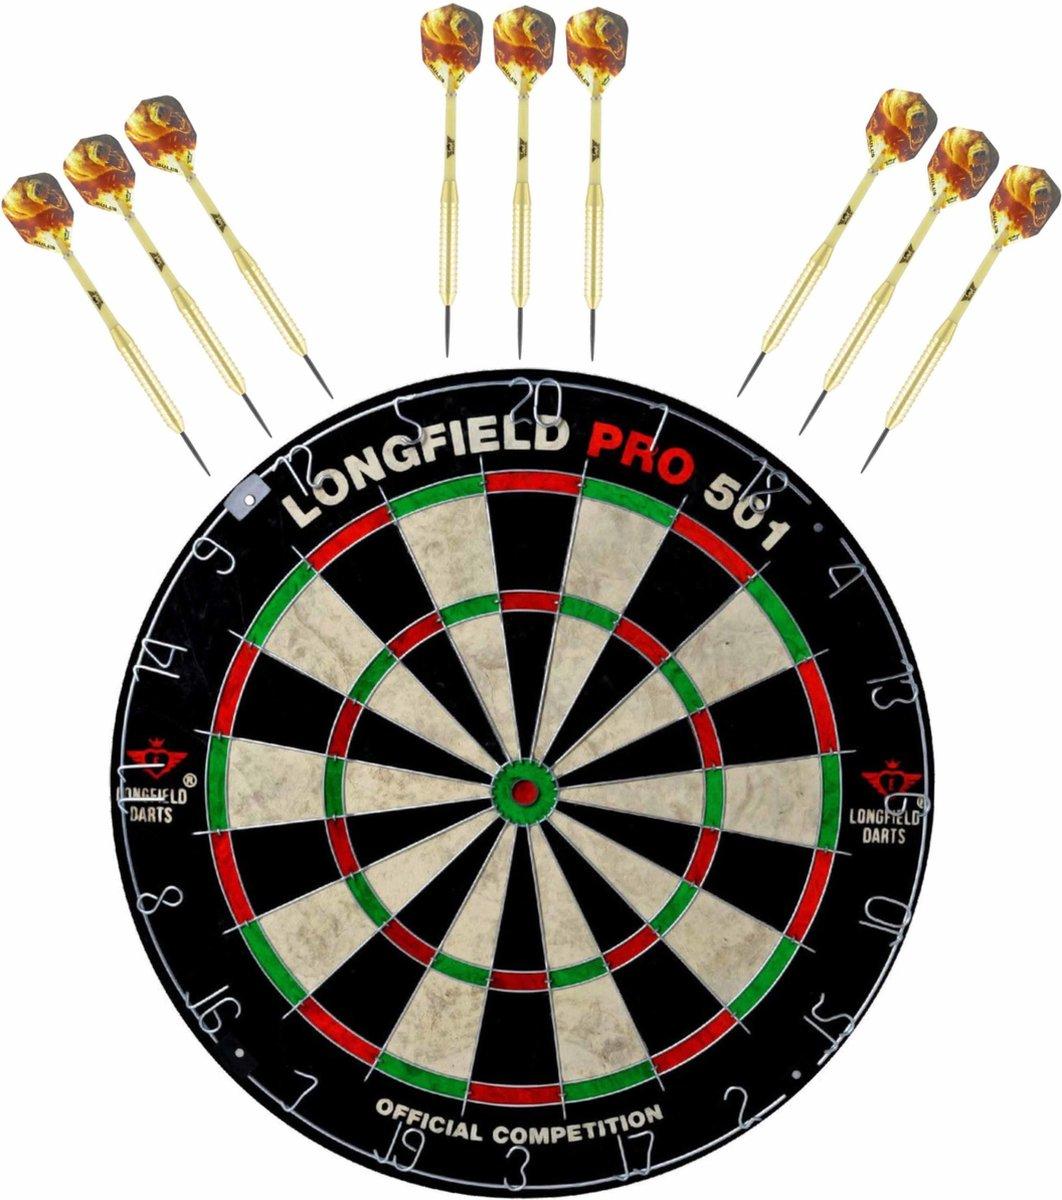 Dartbord set compleet van diameter 45.5 cm met 9x Bulls dartpijlen van 23 gram - Professioneel darten pakket